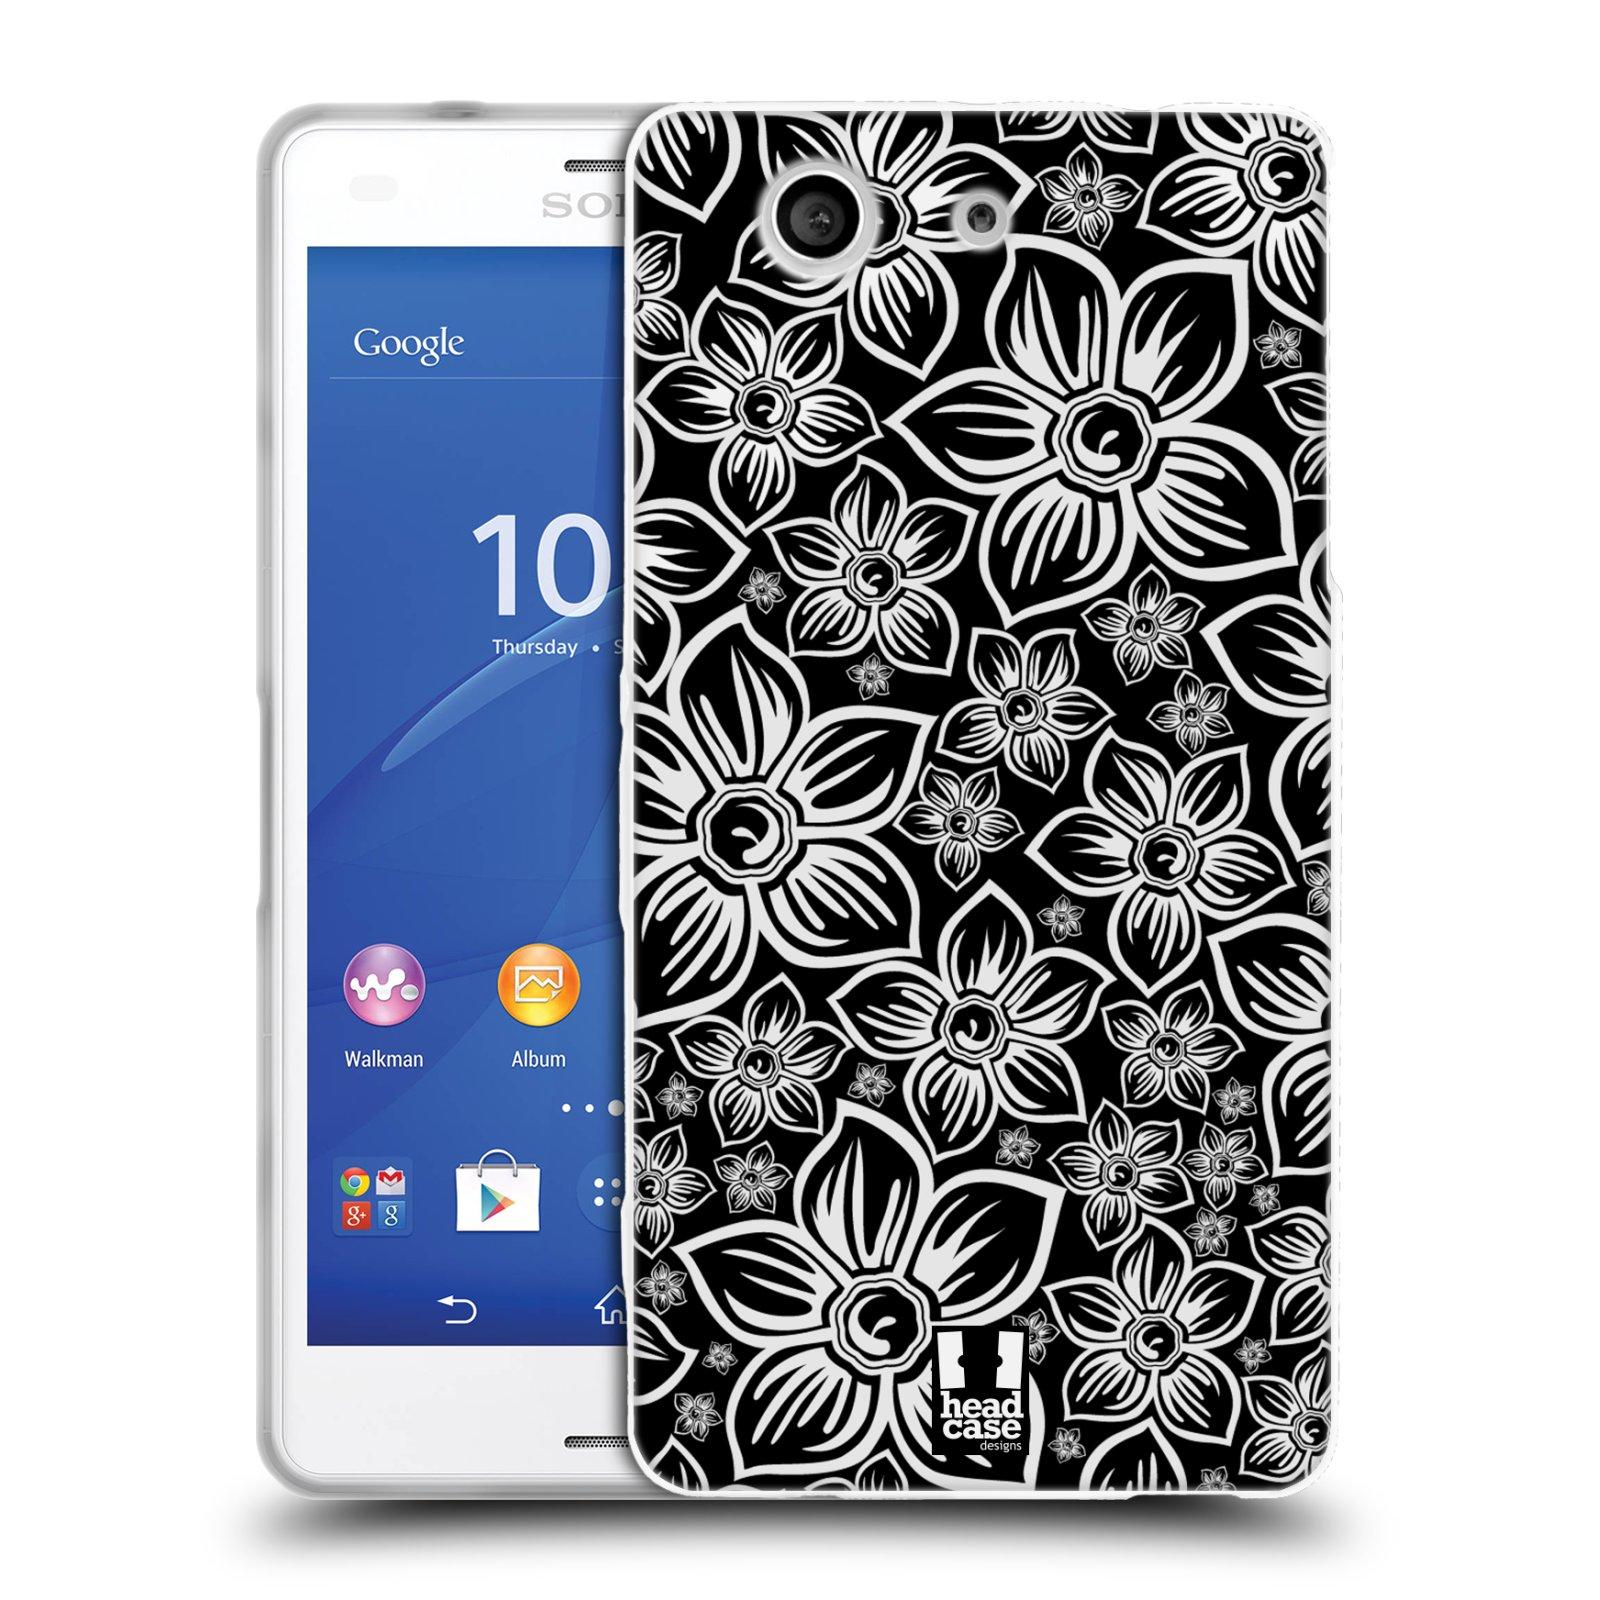 Silikonové pouzdro na mobil Sony Xperia Z3 Compact D5803 HEAD CASE FLORAL DAISY